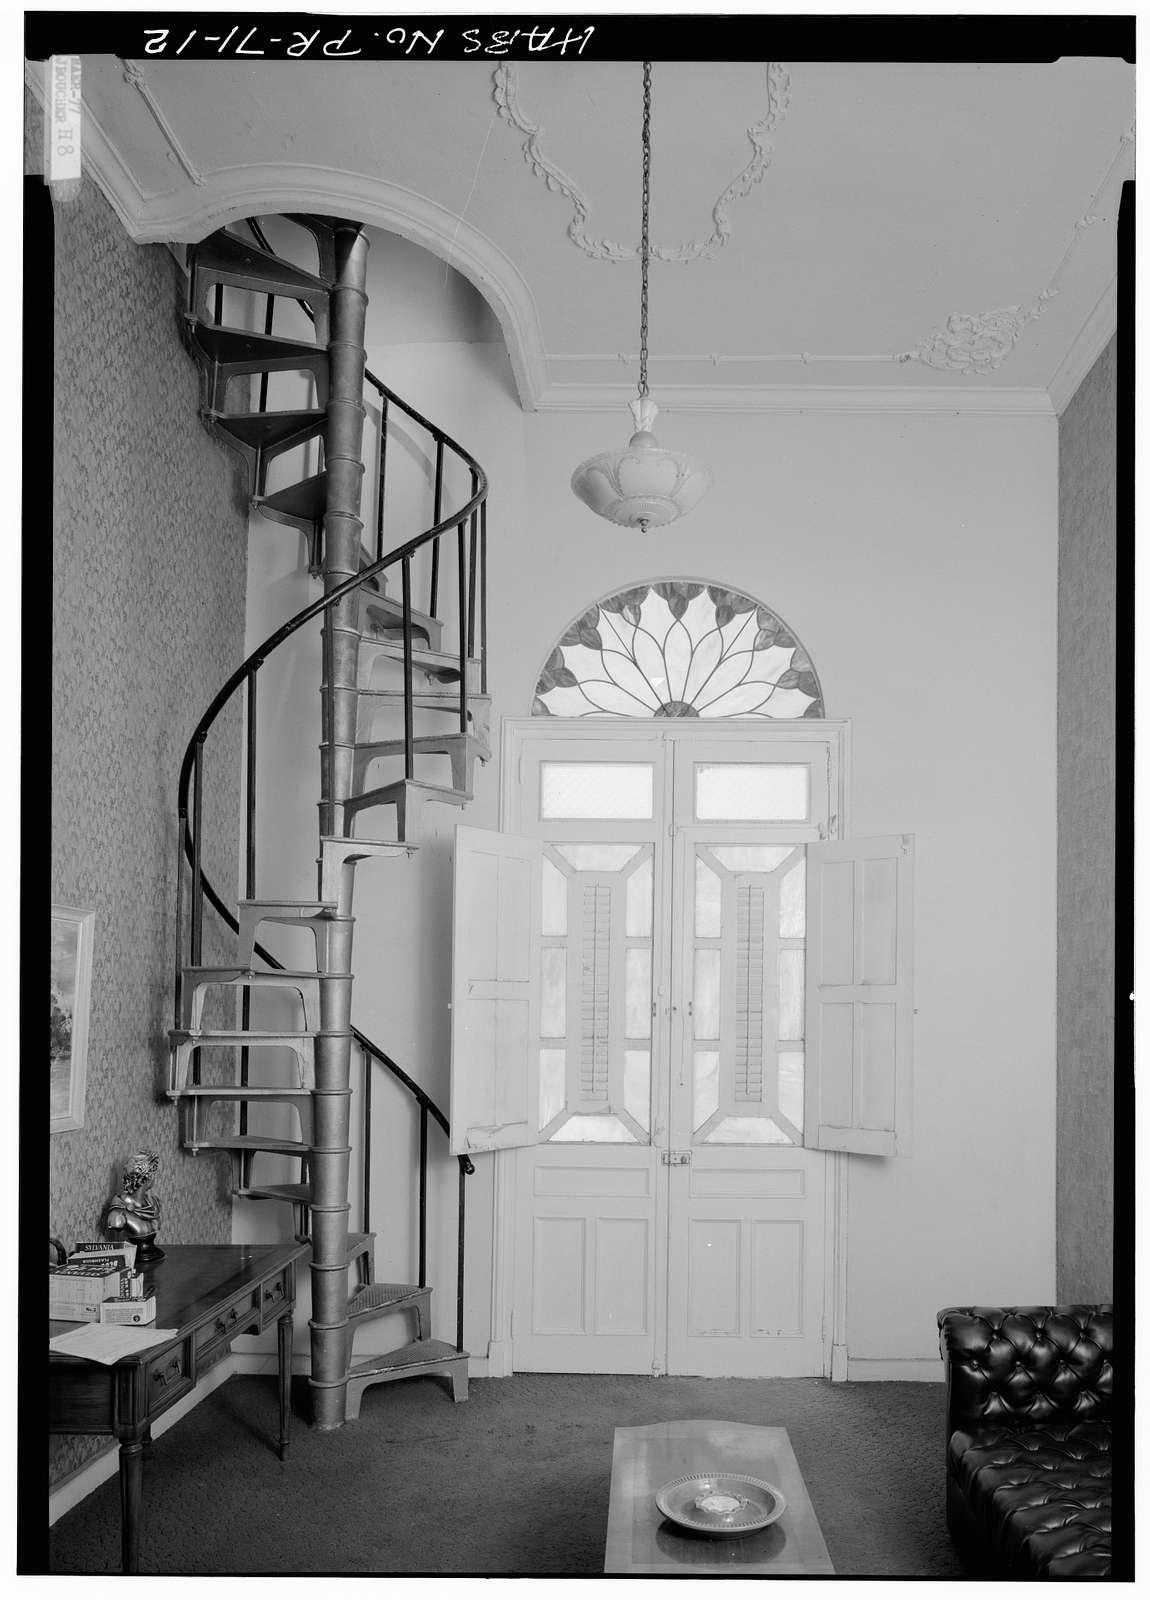 Casa Frederico Font, 34 Calle Castillo, Ponce, Ponce Municipio, PR